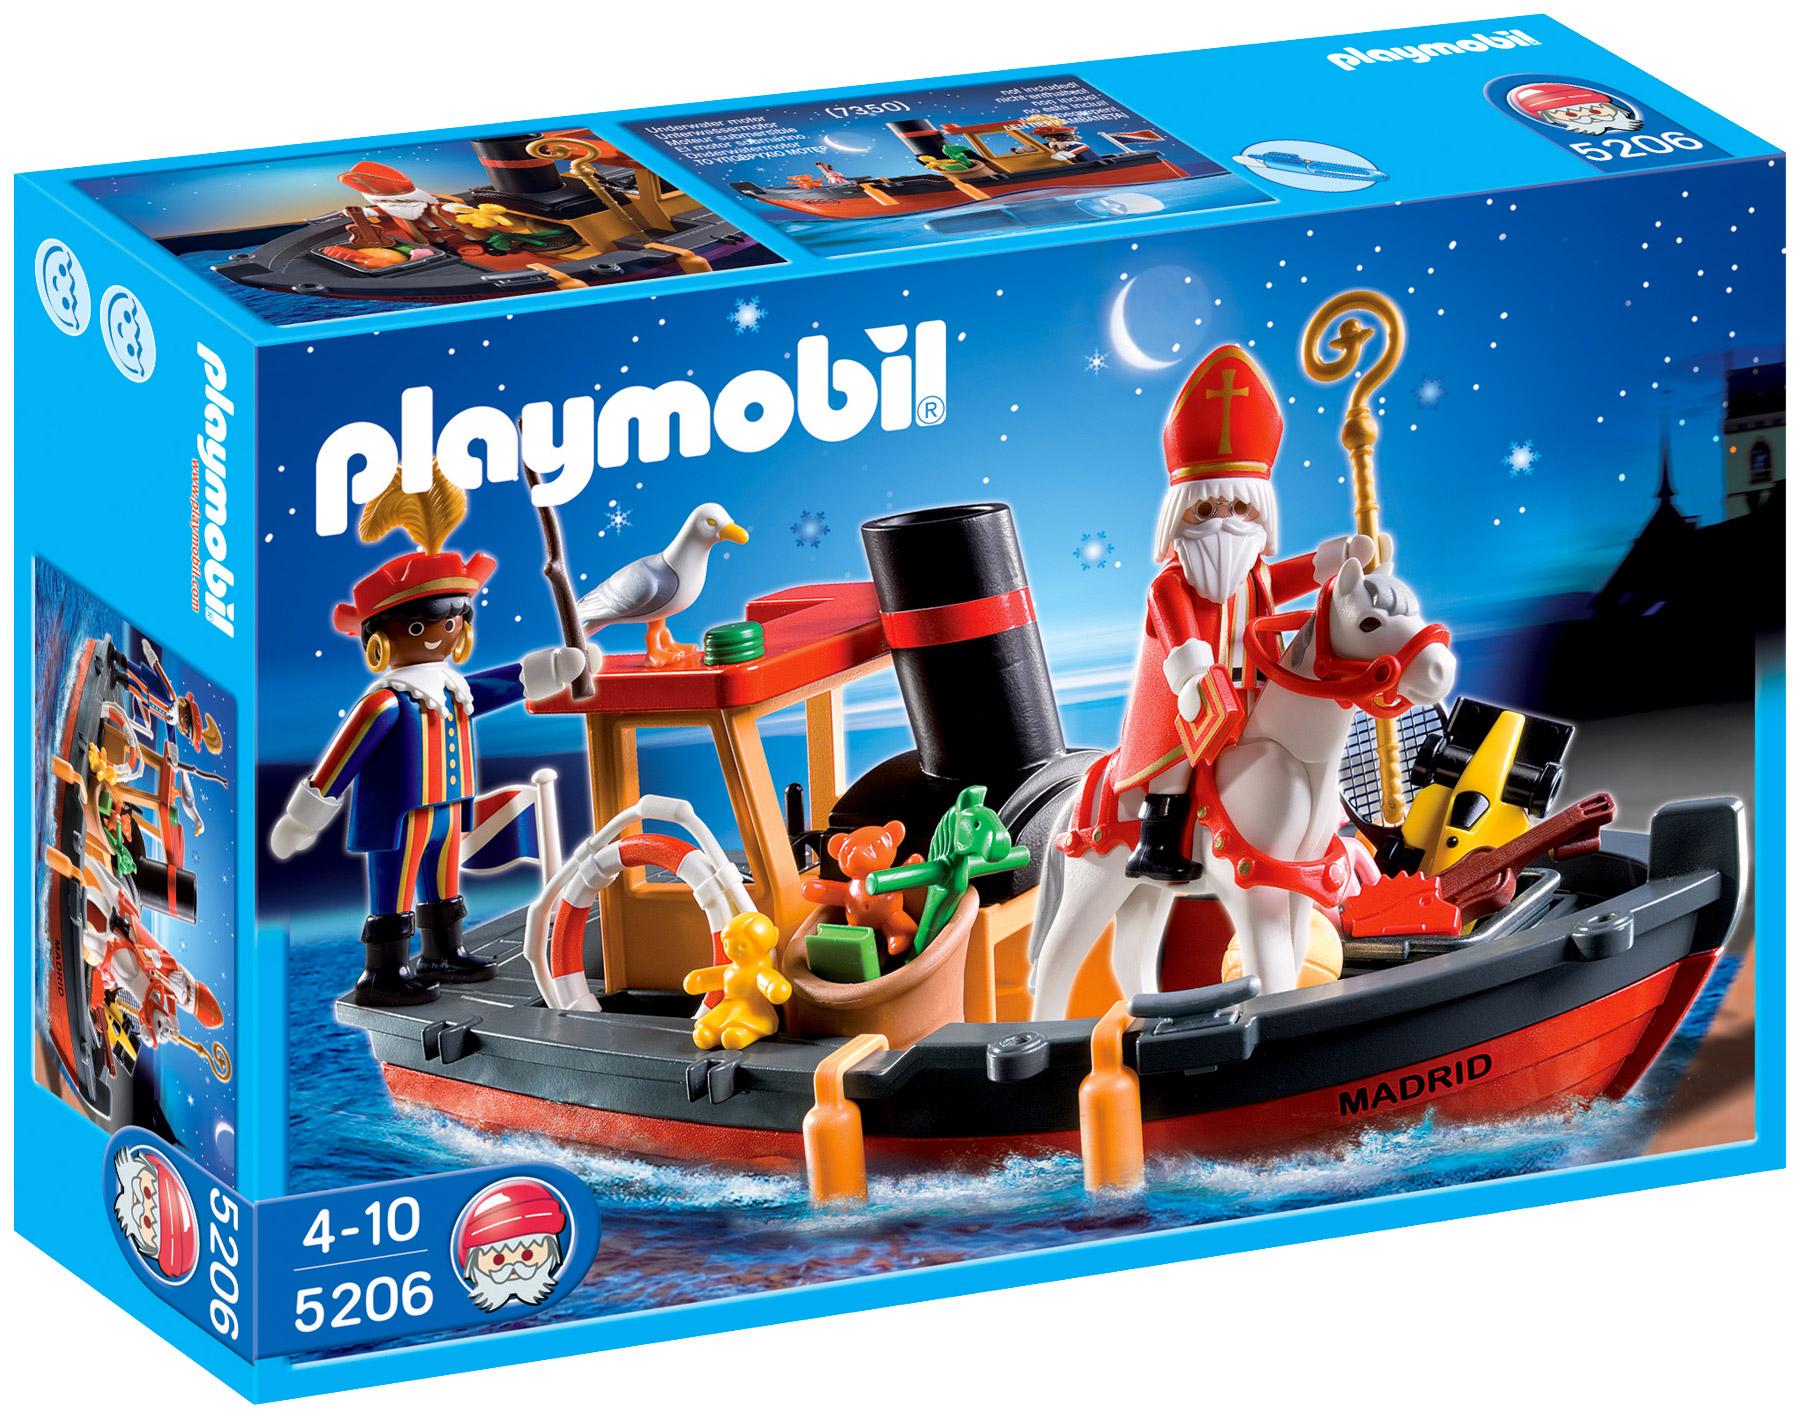 playmobil christmas 5206 pas cher bateau vapeur saint nicolas et p re fouettard. Black Bedroom Furniture Sets. Home Design Ideas